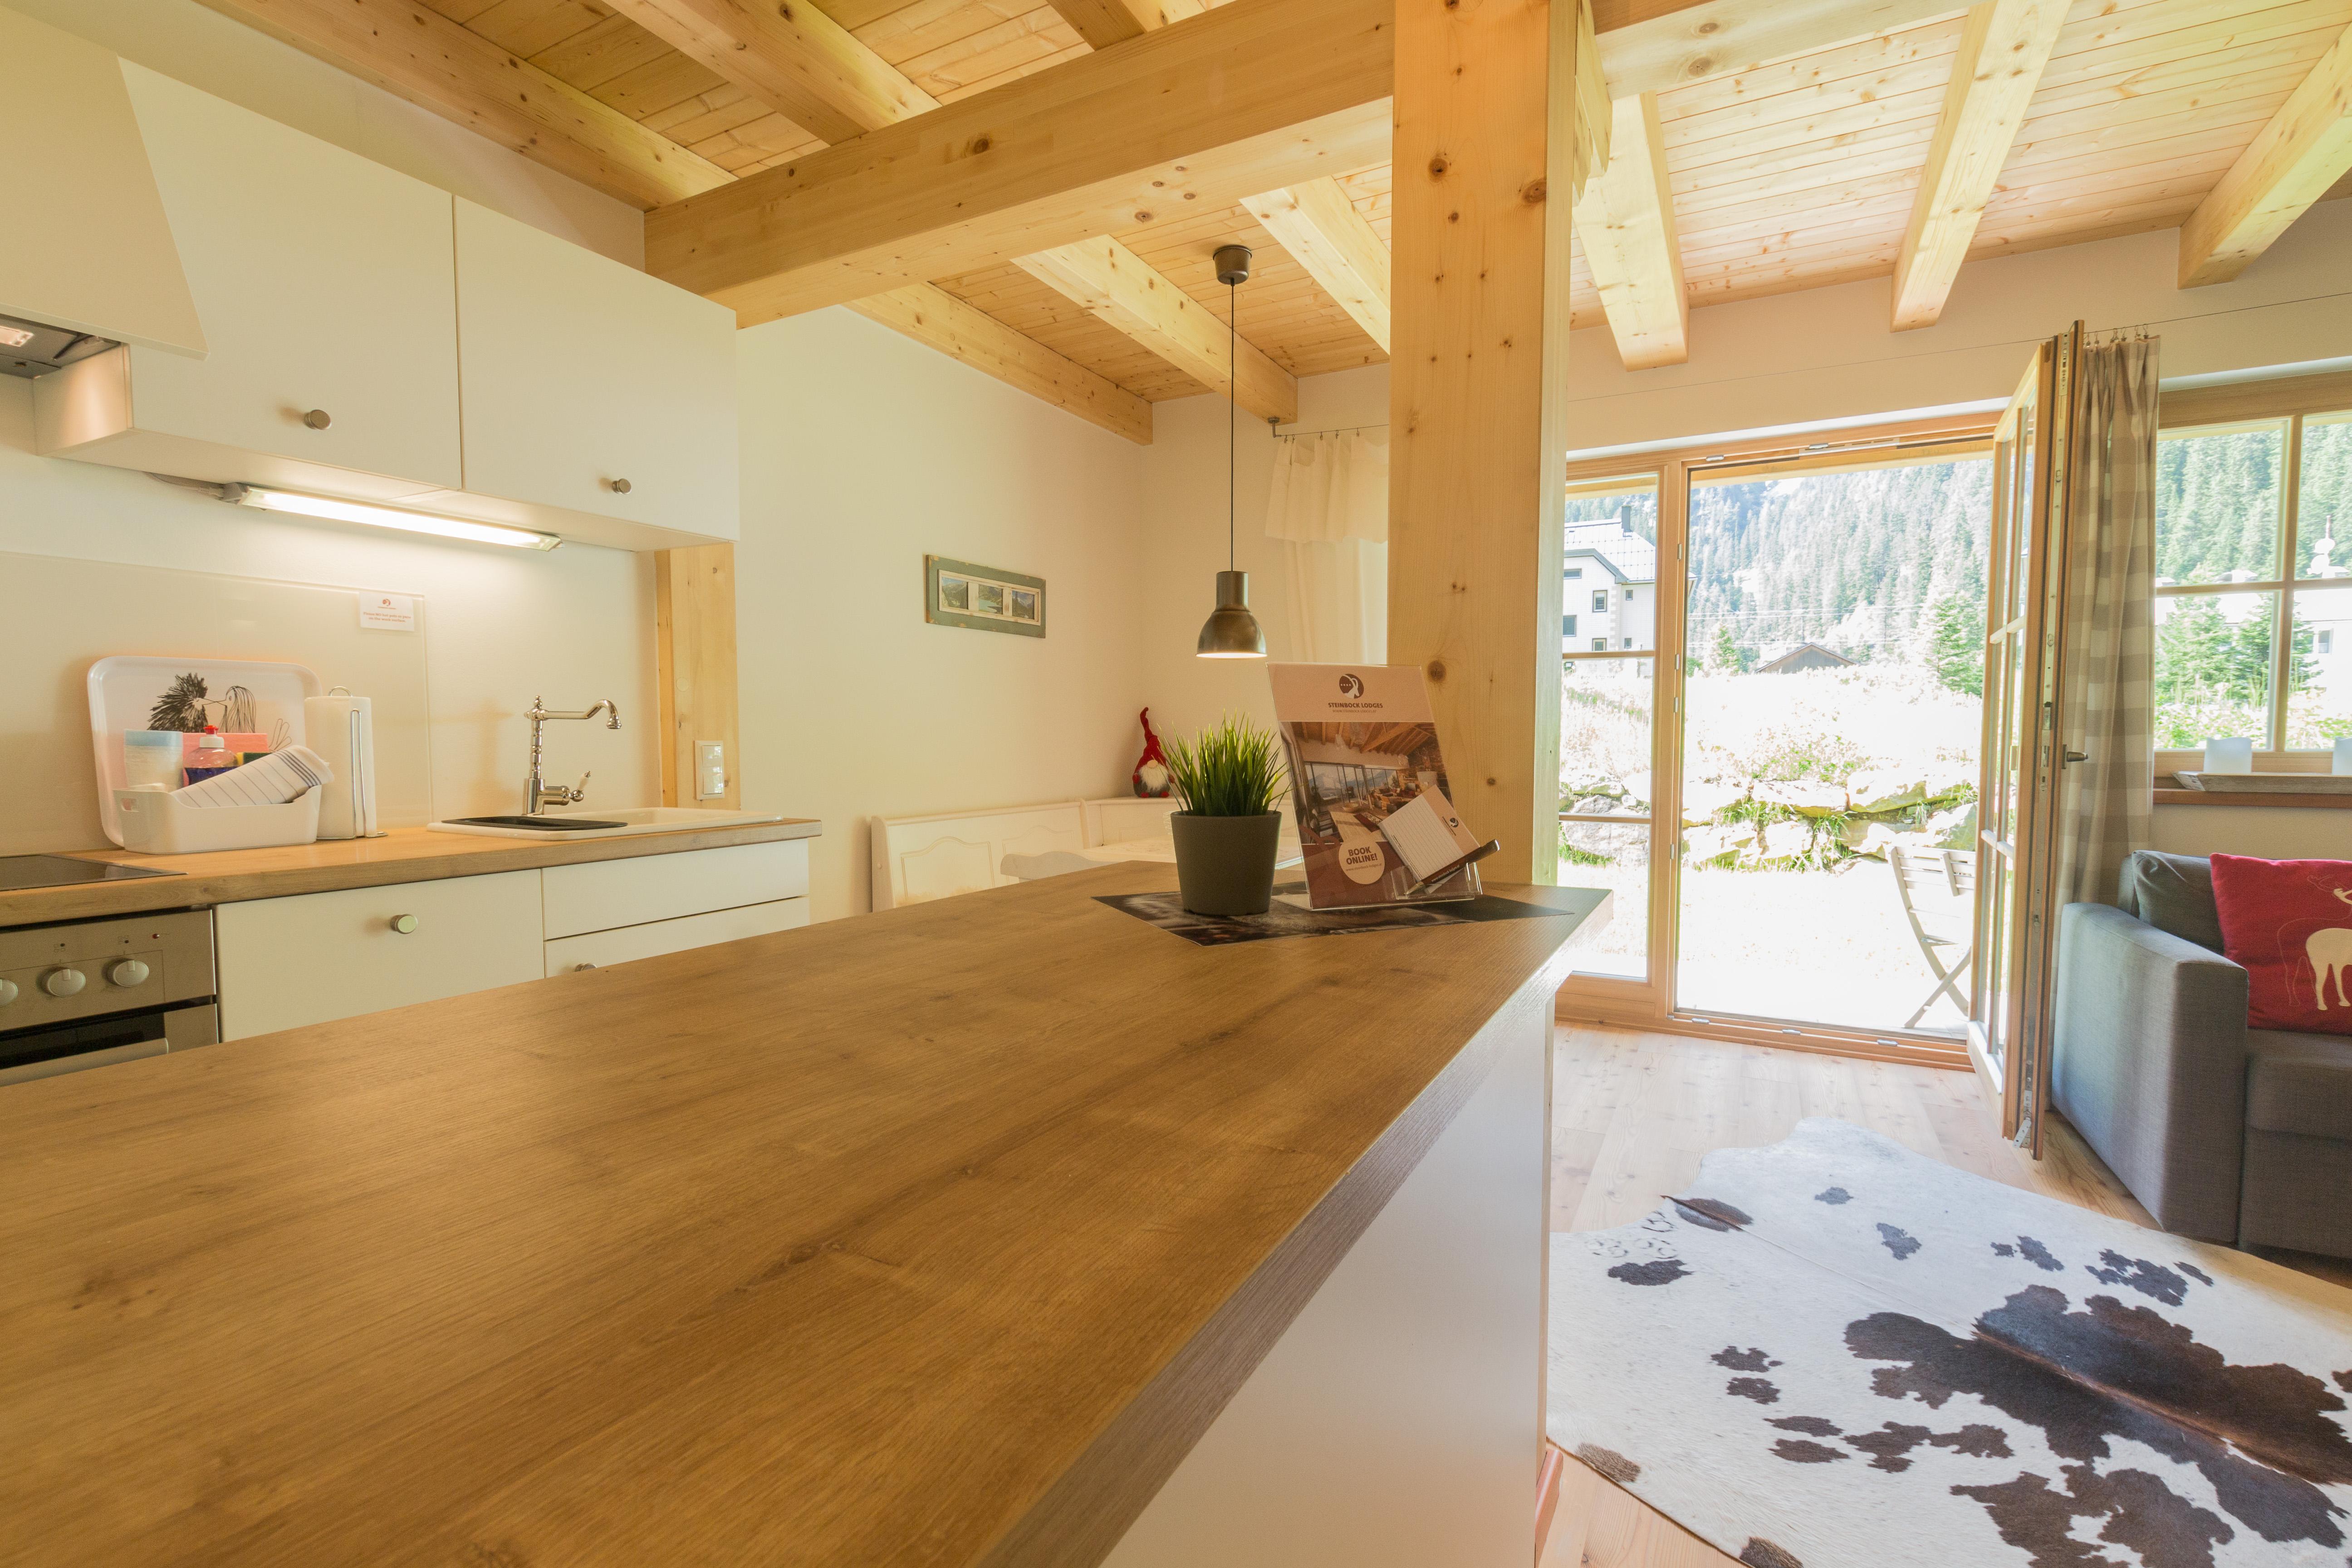 Maison de vacances Lodge Enzian direkt am Skilift (2050396), Uttendorf, Pinzgau, Salzbourg, Autriche, image 5